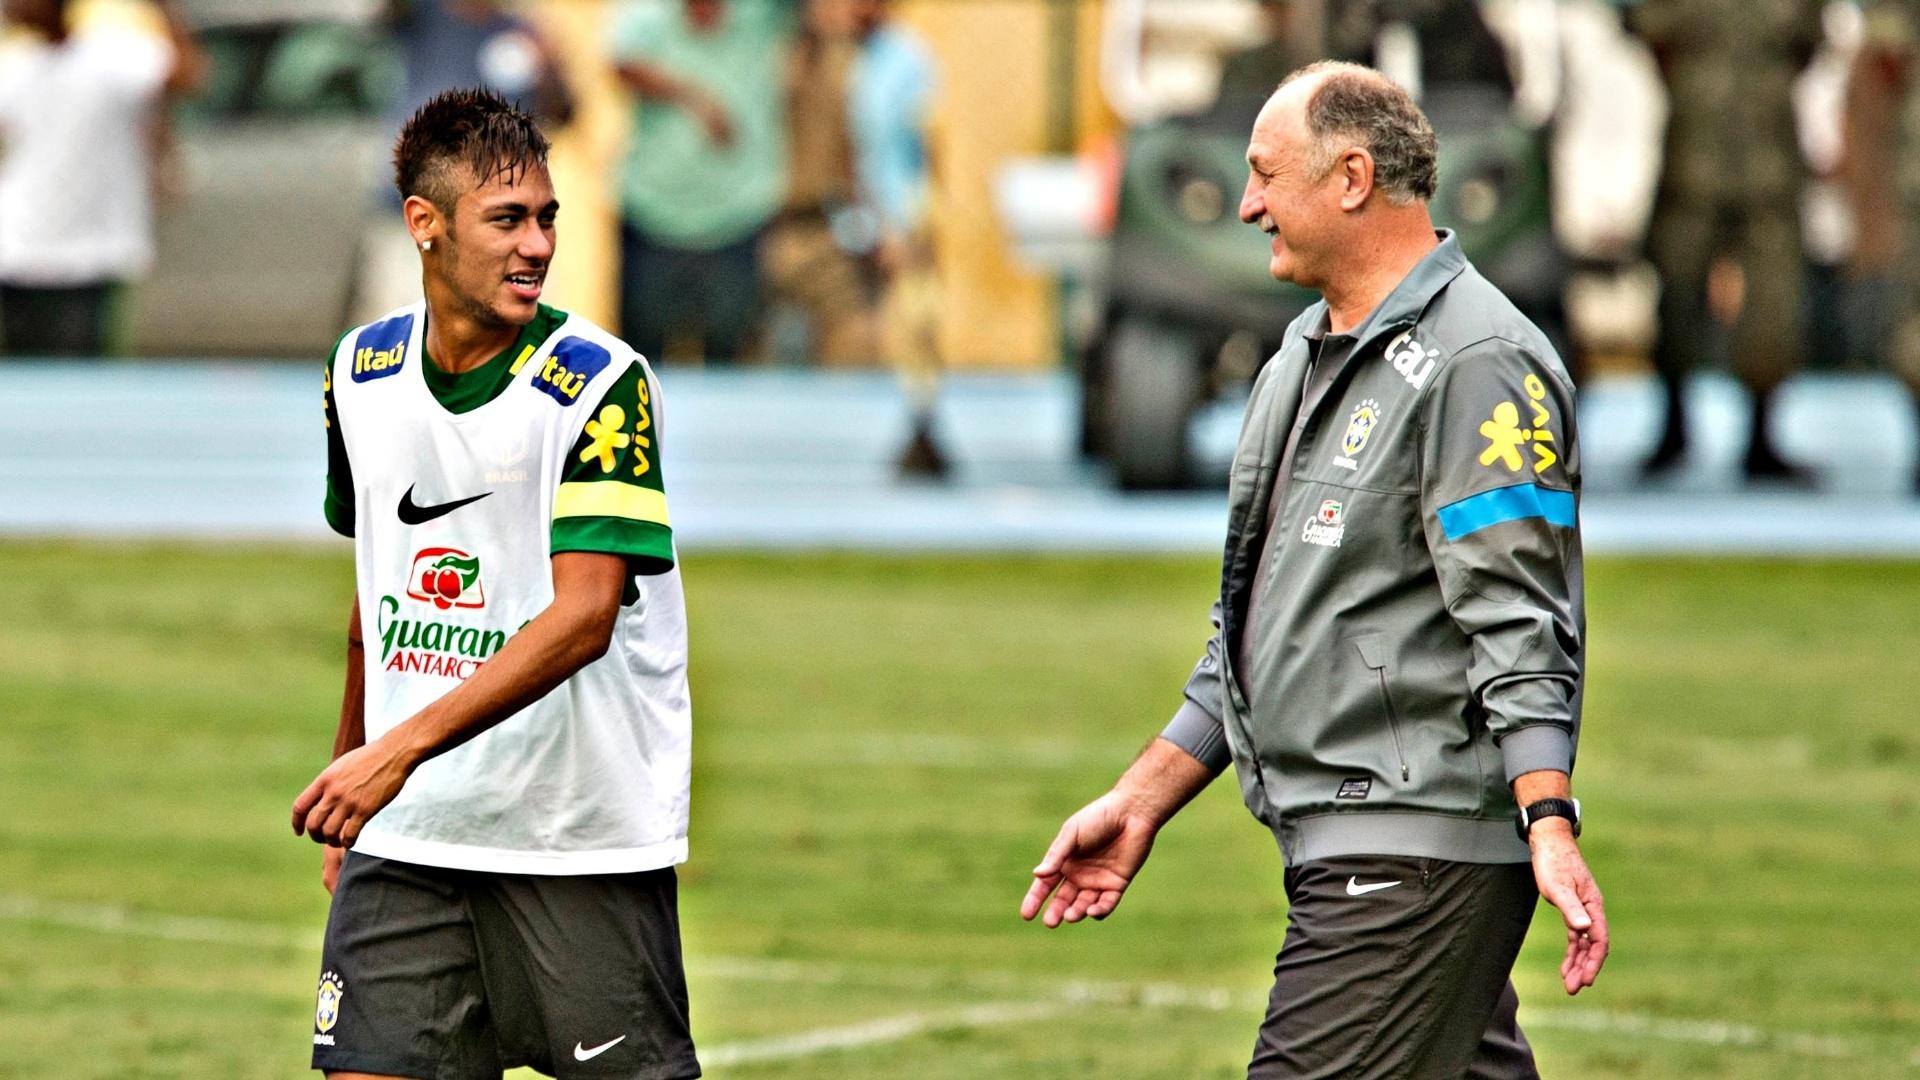 29.05.2013 - Sorridente, Neymar conversa com o técnico Luiz Felipe Scolari no primeiro treino da seleção no Rio de Janeiro, na Urca